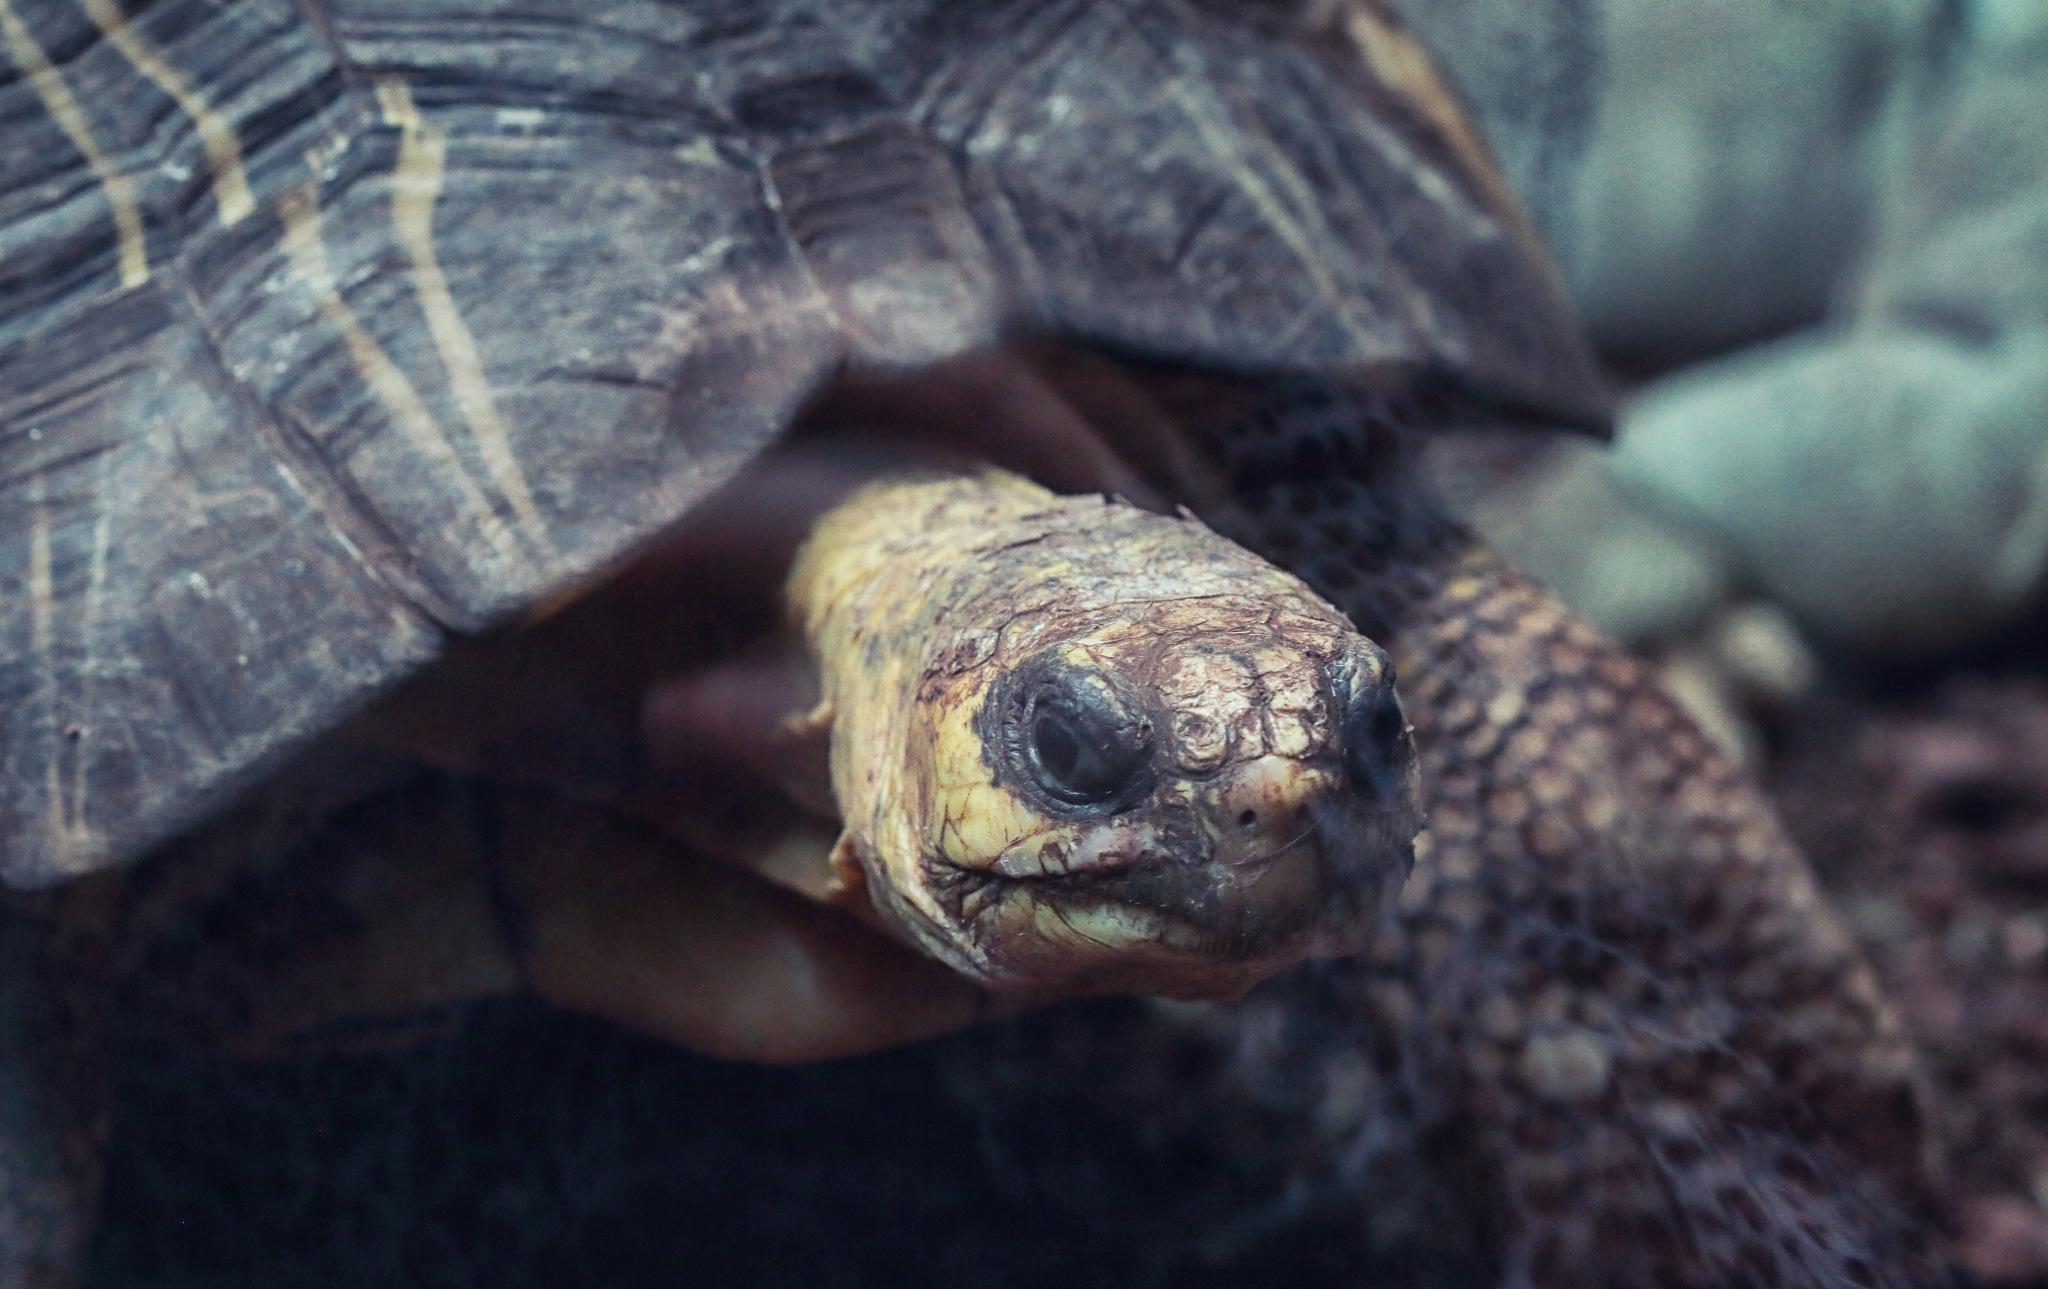 Turtle by Henrik T. Sørensen